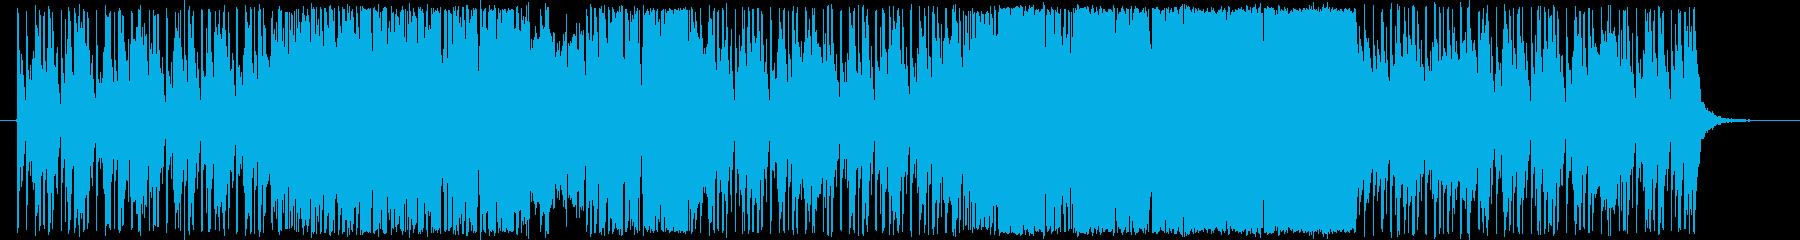 リズム感が溢れ出す軽快なファンキーロックの再生済みの波形